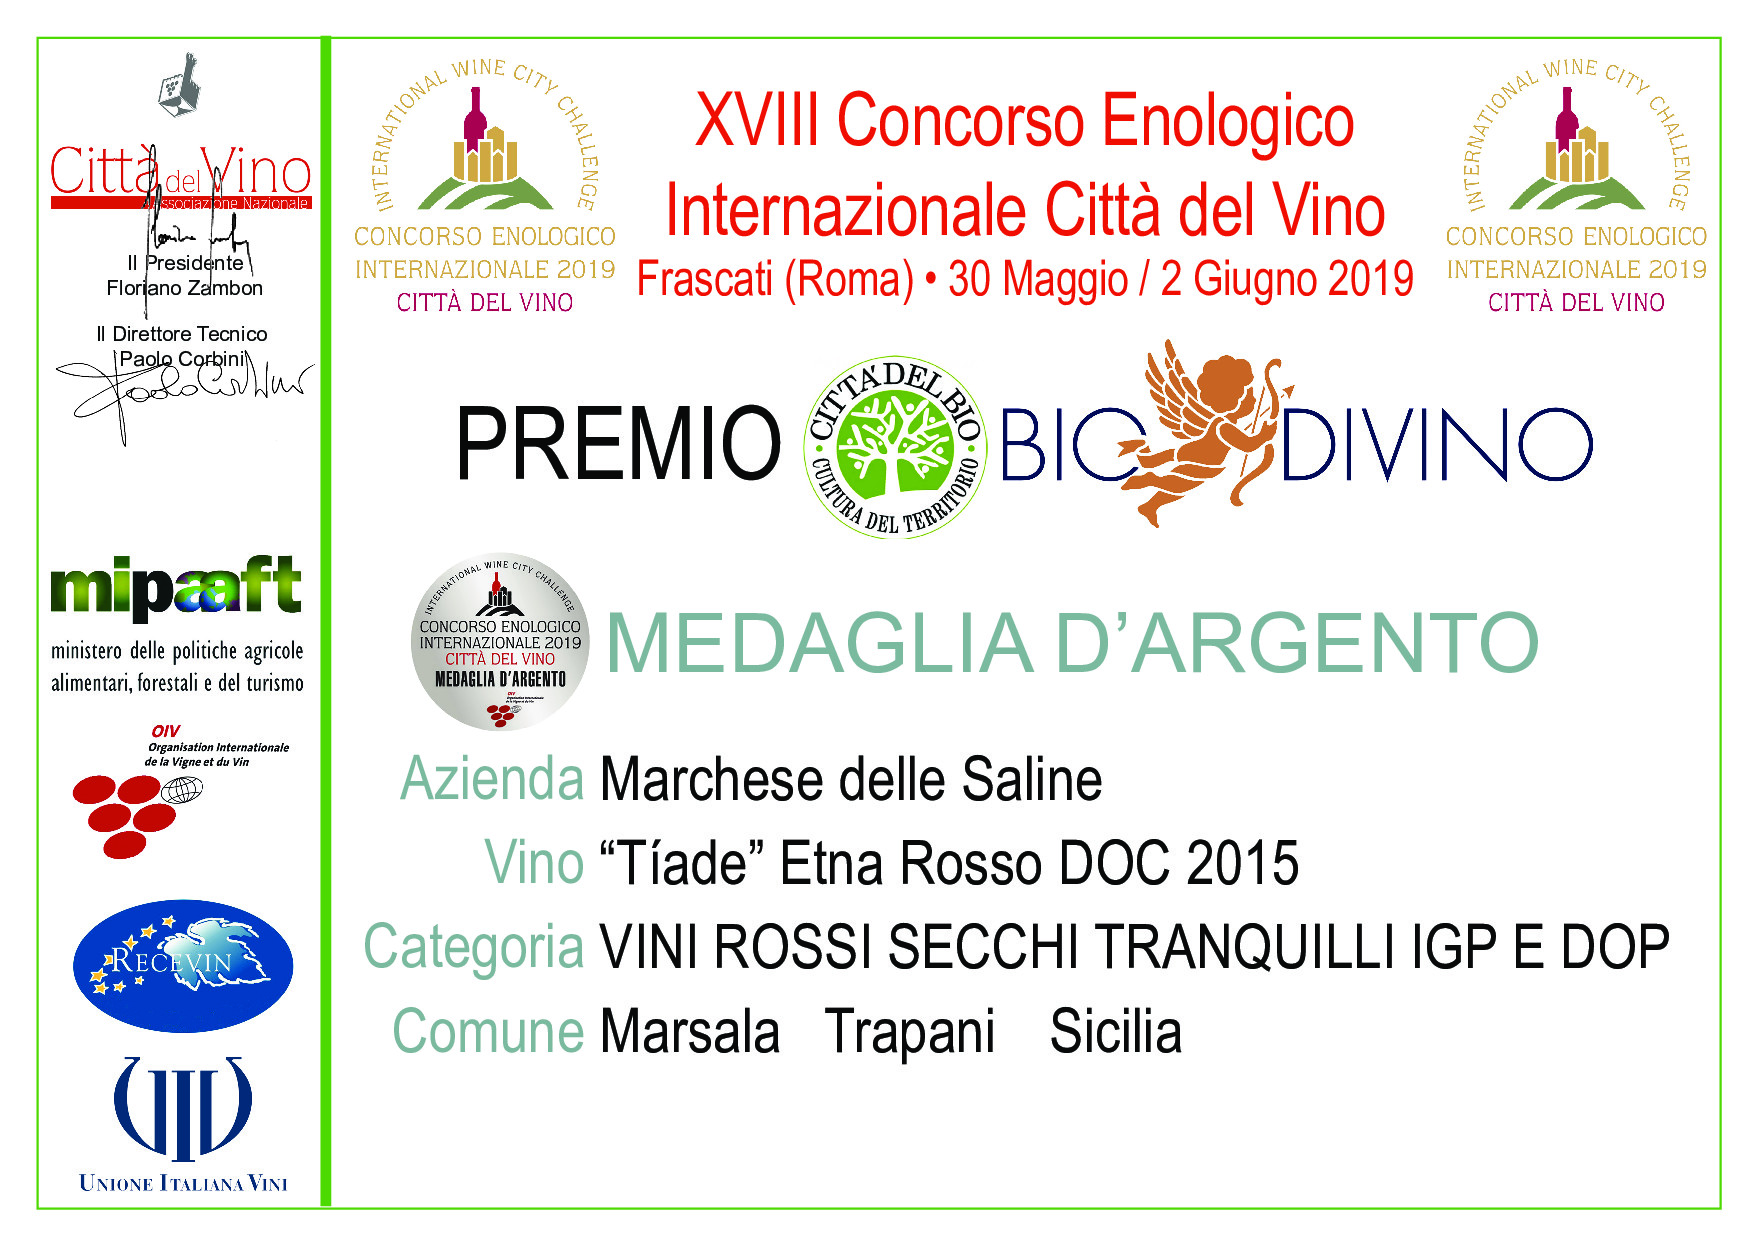 Medaglie d'Argento al concorso Enologico Internazionale Città del Vino – Frascati 2019